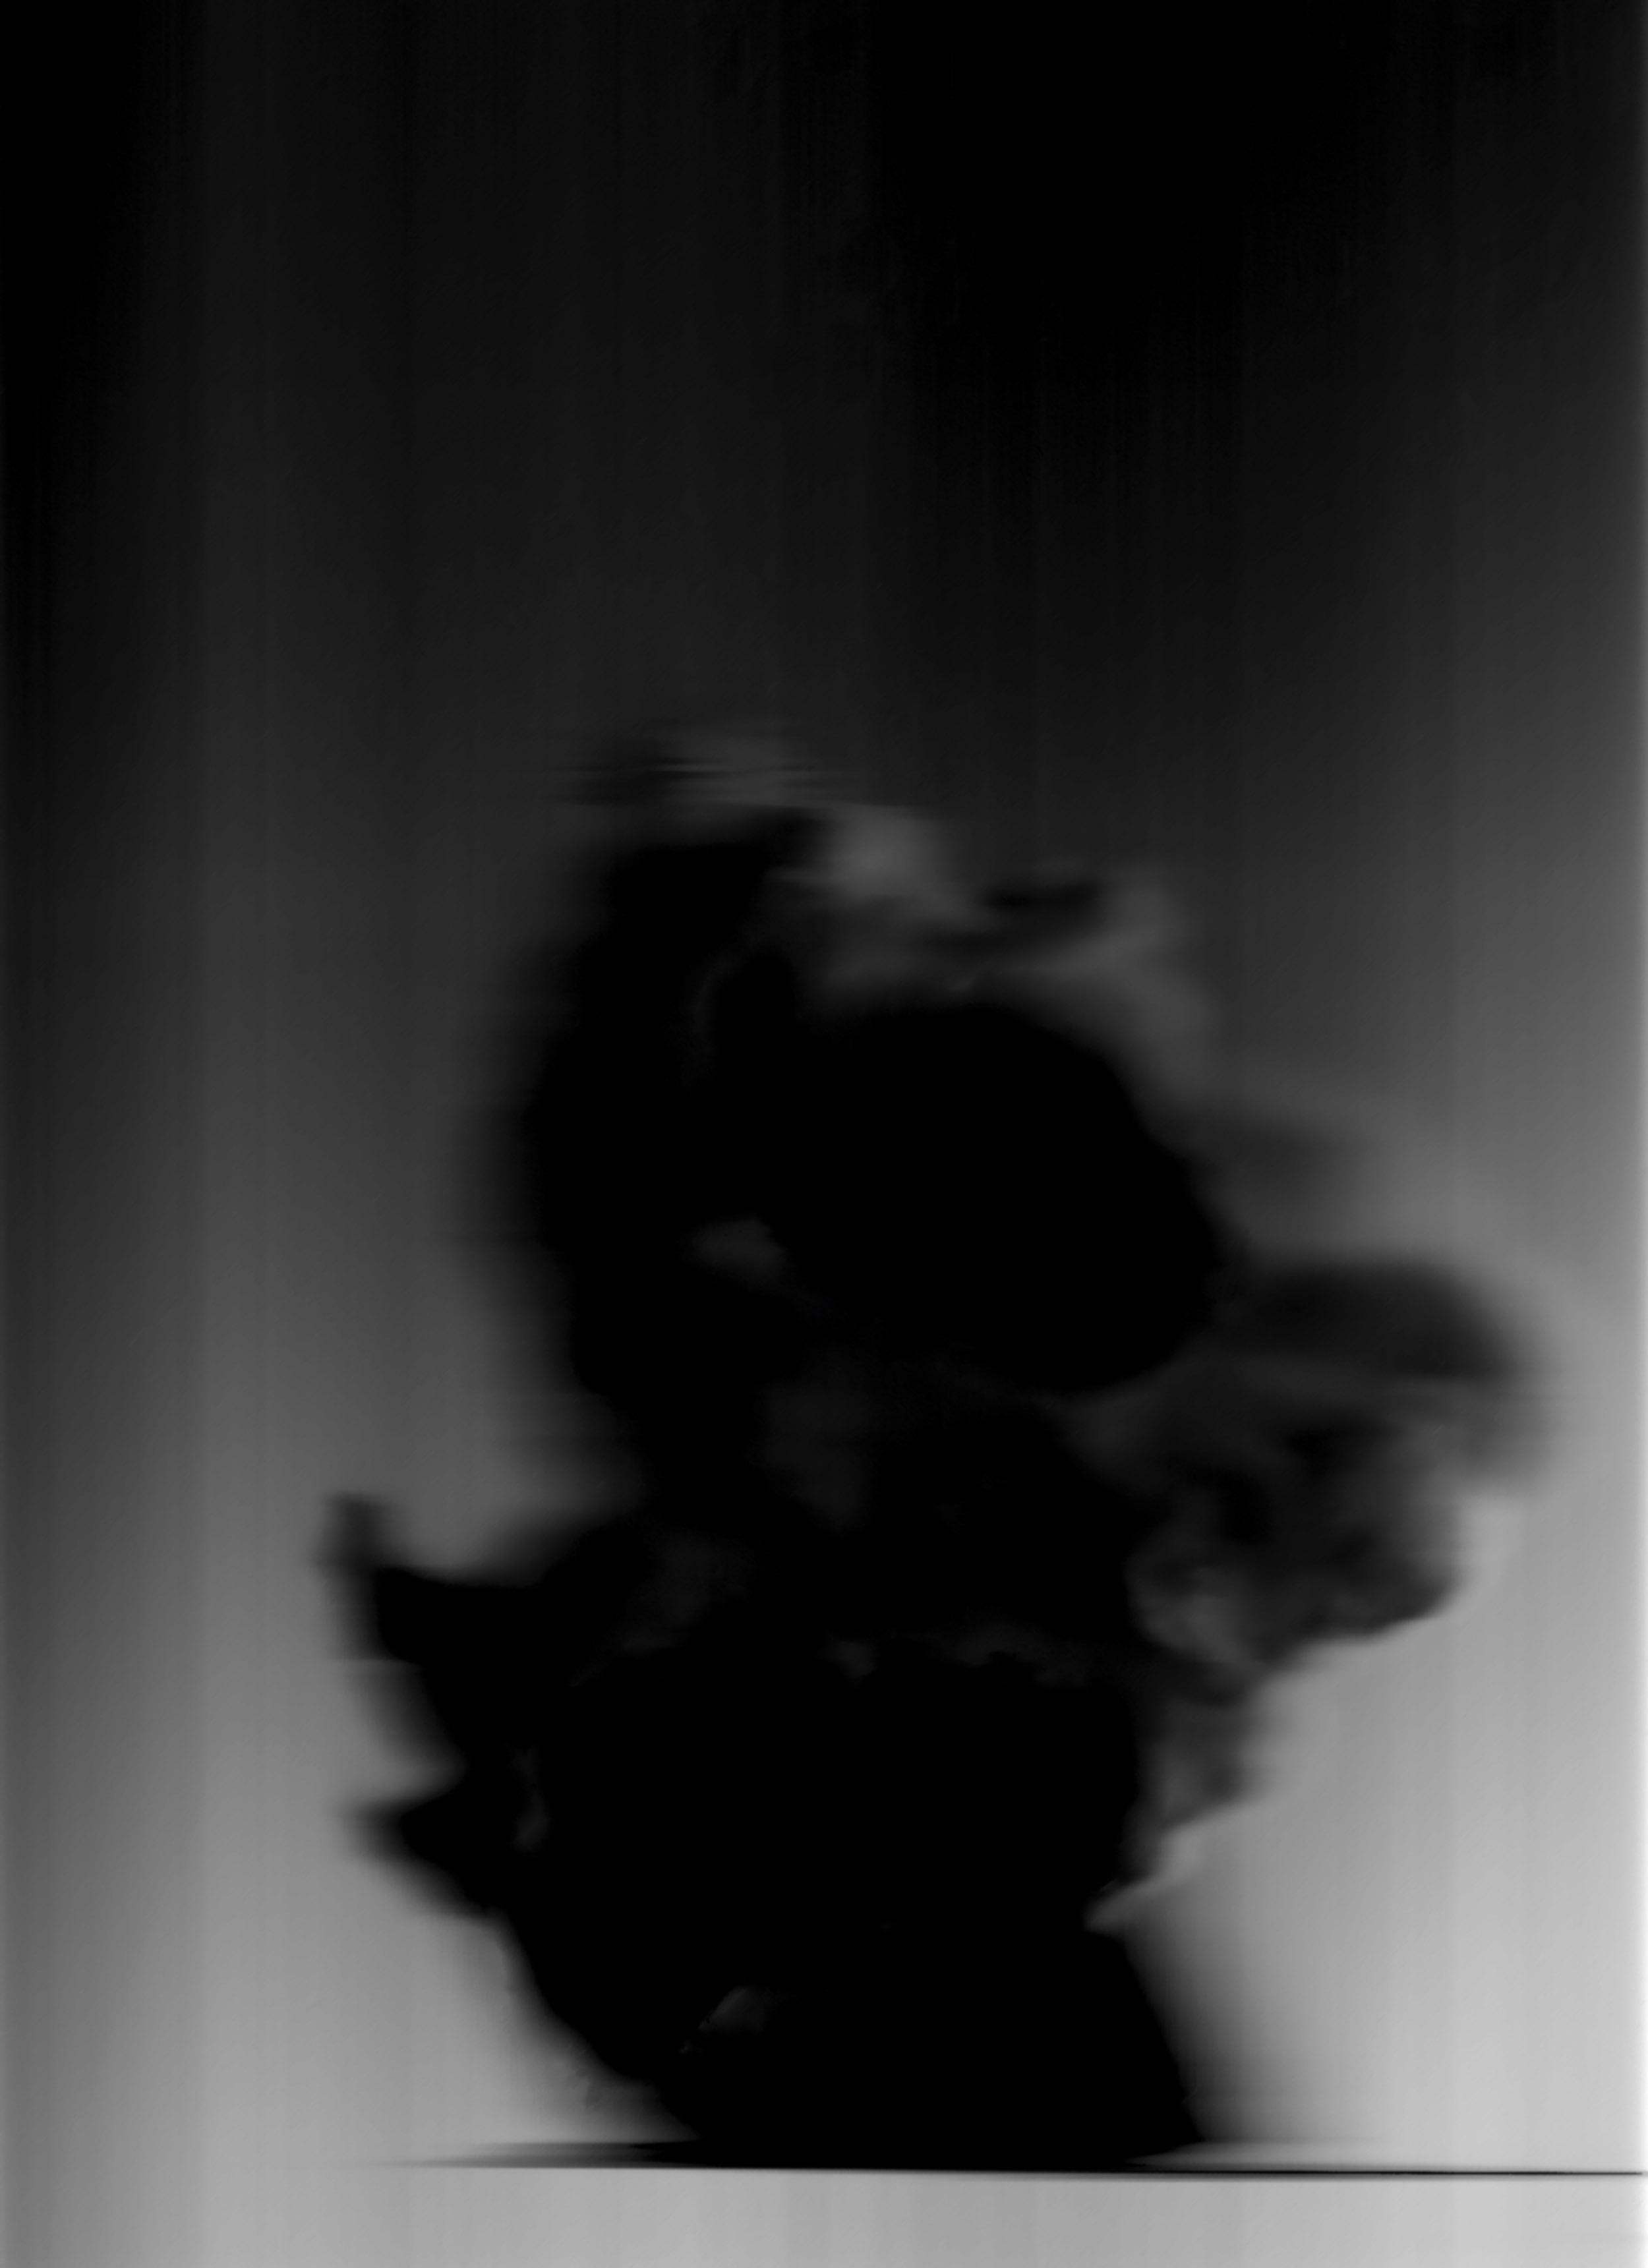 Scanner experiments Art Direction | Production © fannyducommun